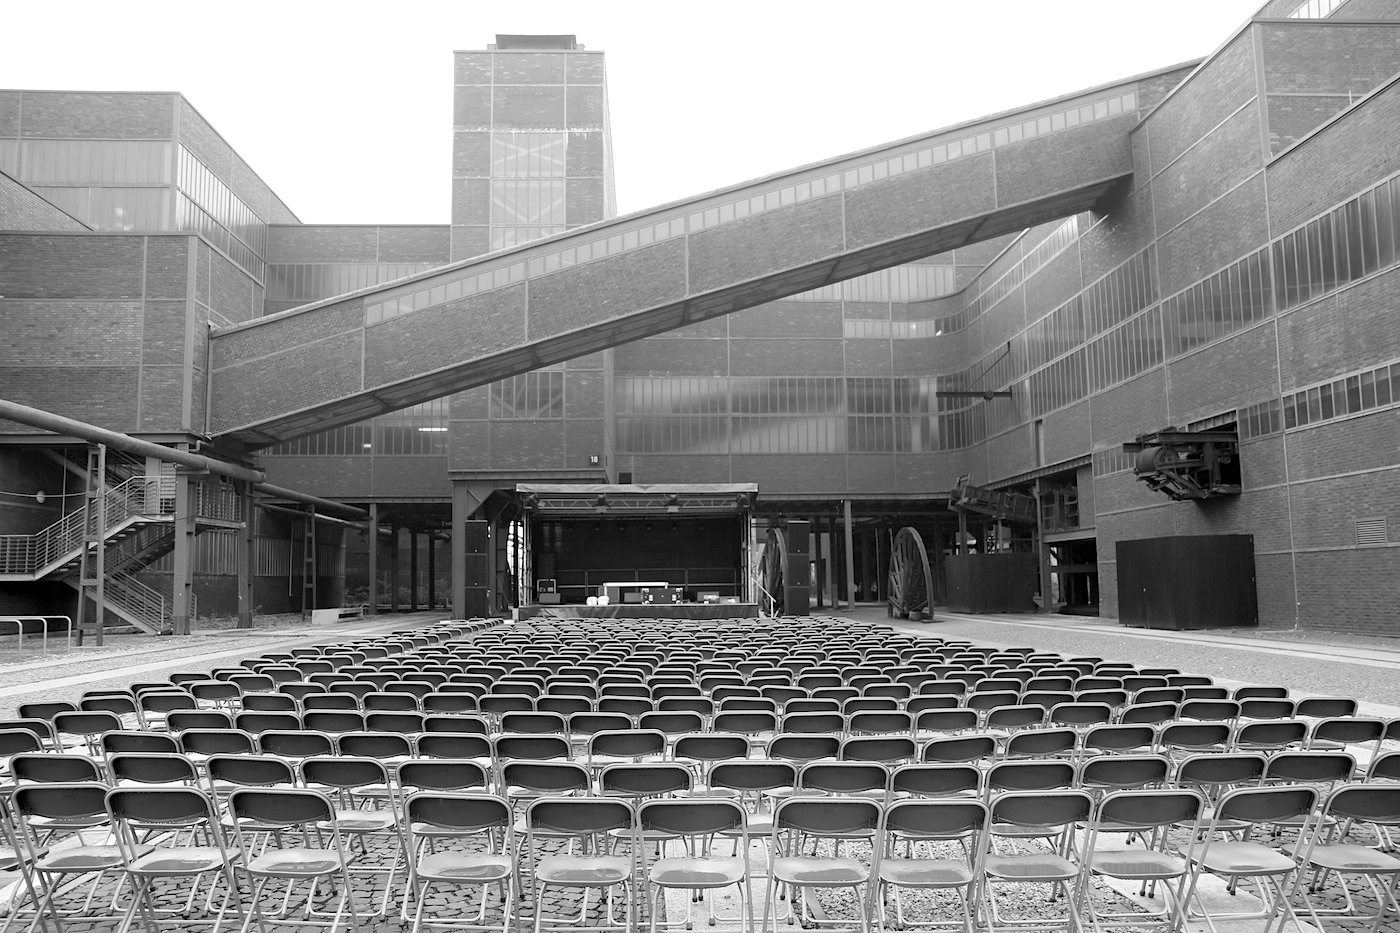 Zeche Zollverein. Die Ernennung zum UNESCO-Welterbe 2001 war der Beginn für den weiteren Ausbau des Geländes